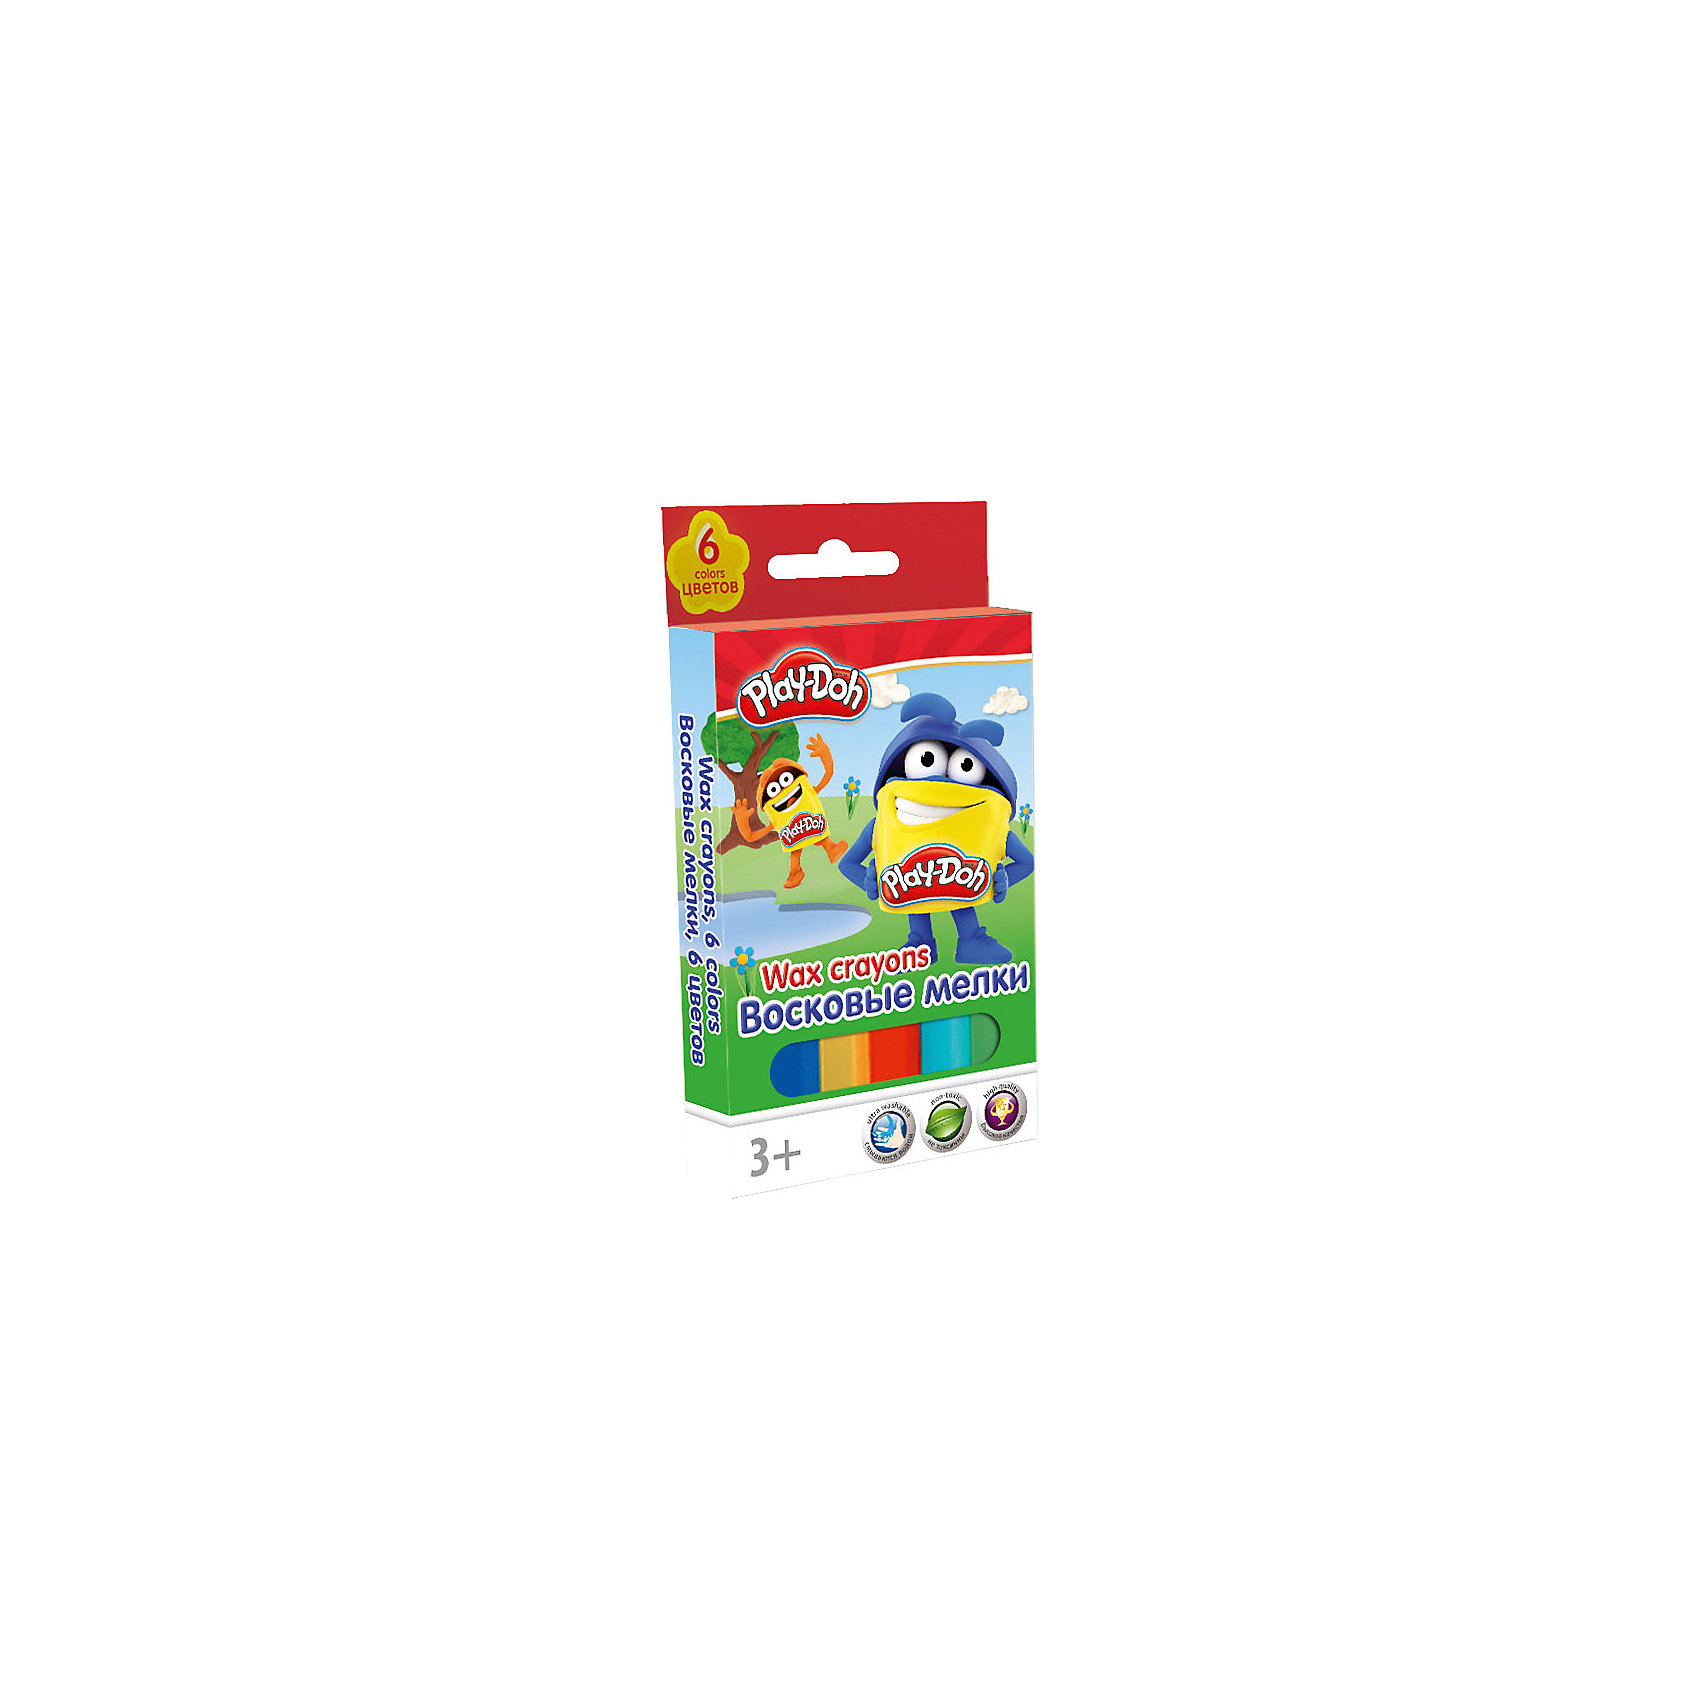 Восковые мелки, 6 шт, Play-Doh